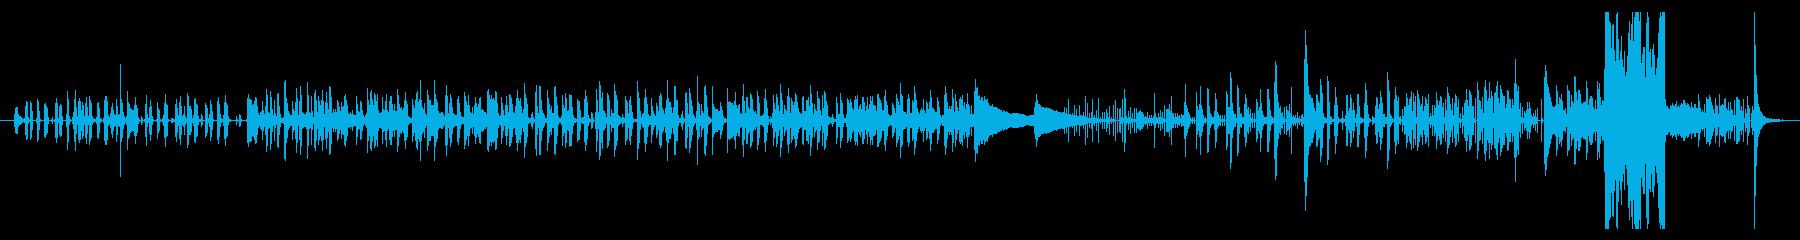 中東風のコミカルな民族音楽の再生済みの波形